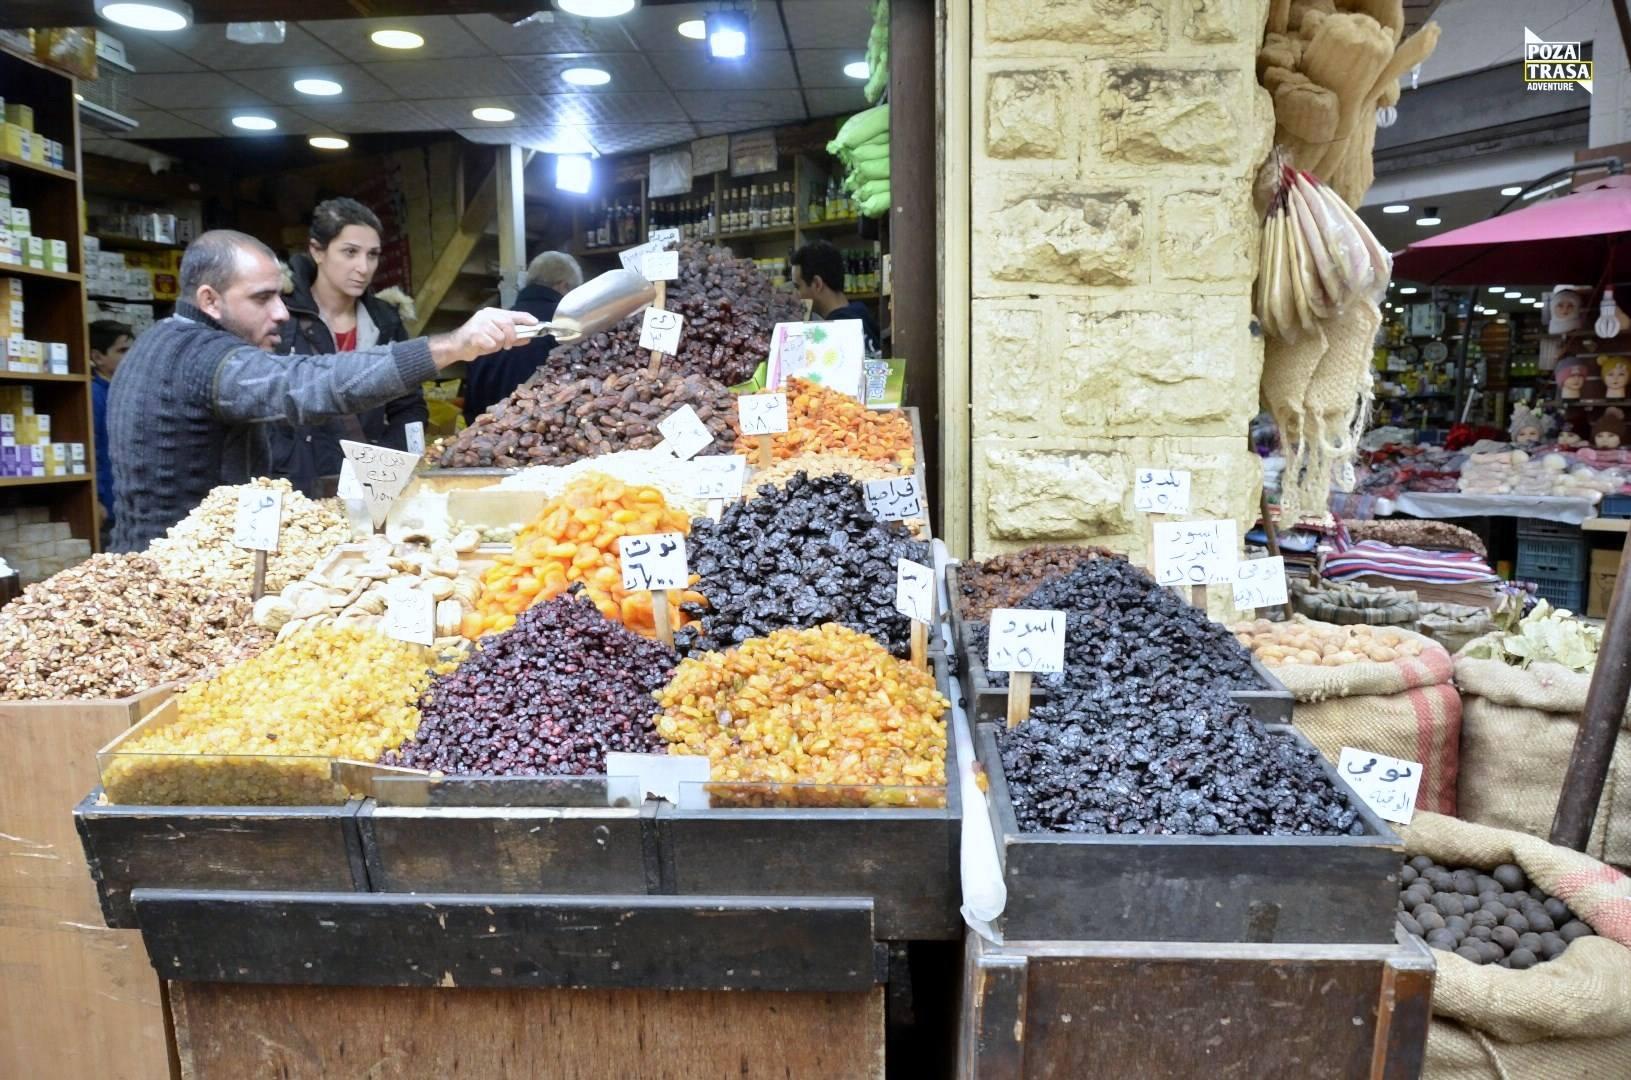 Jordania Arabski bazar